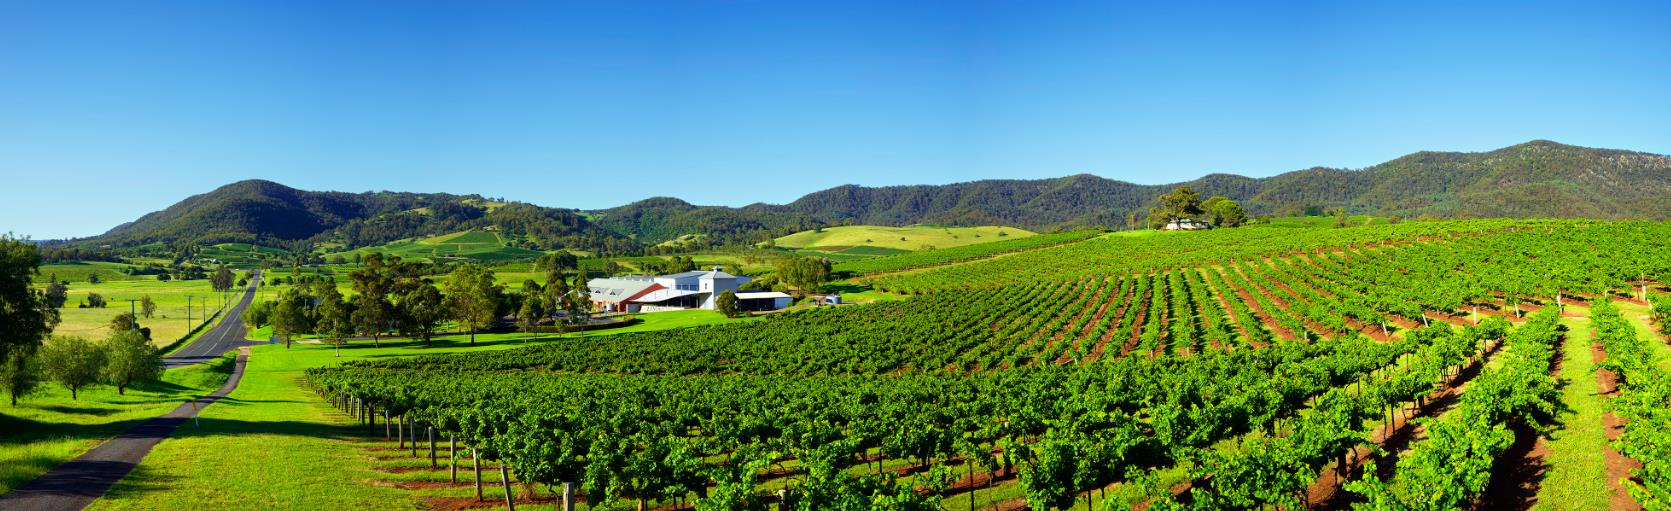 sydney vineyards